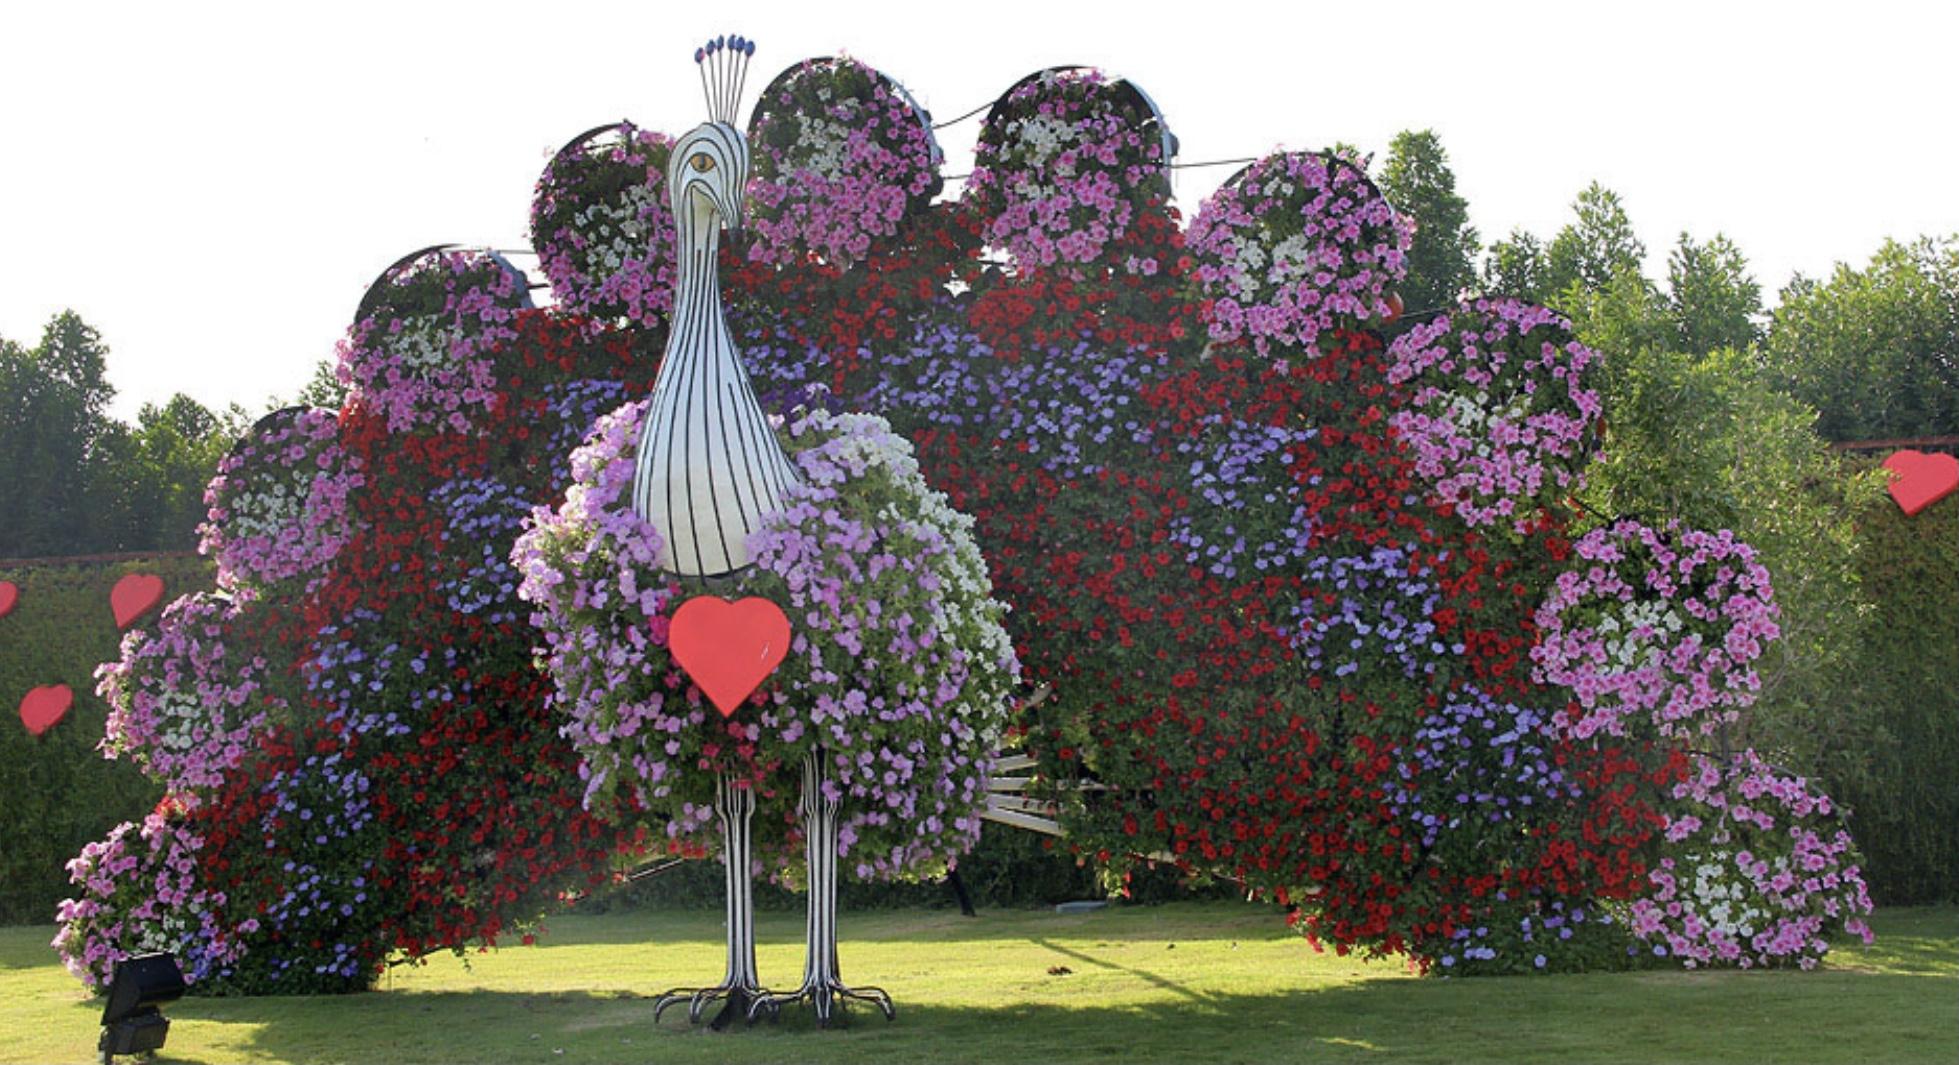 Дикие животные в центре Киева: в столичном парке стартует летняя выставка цветов — фото 1